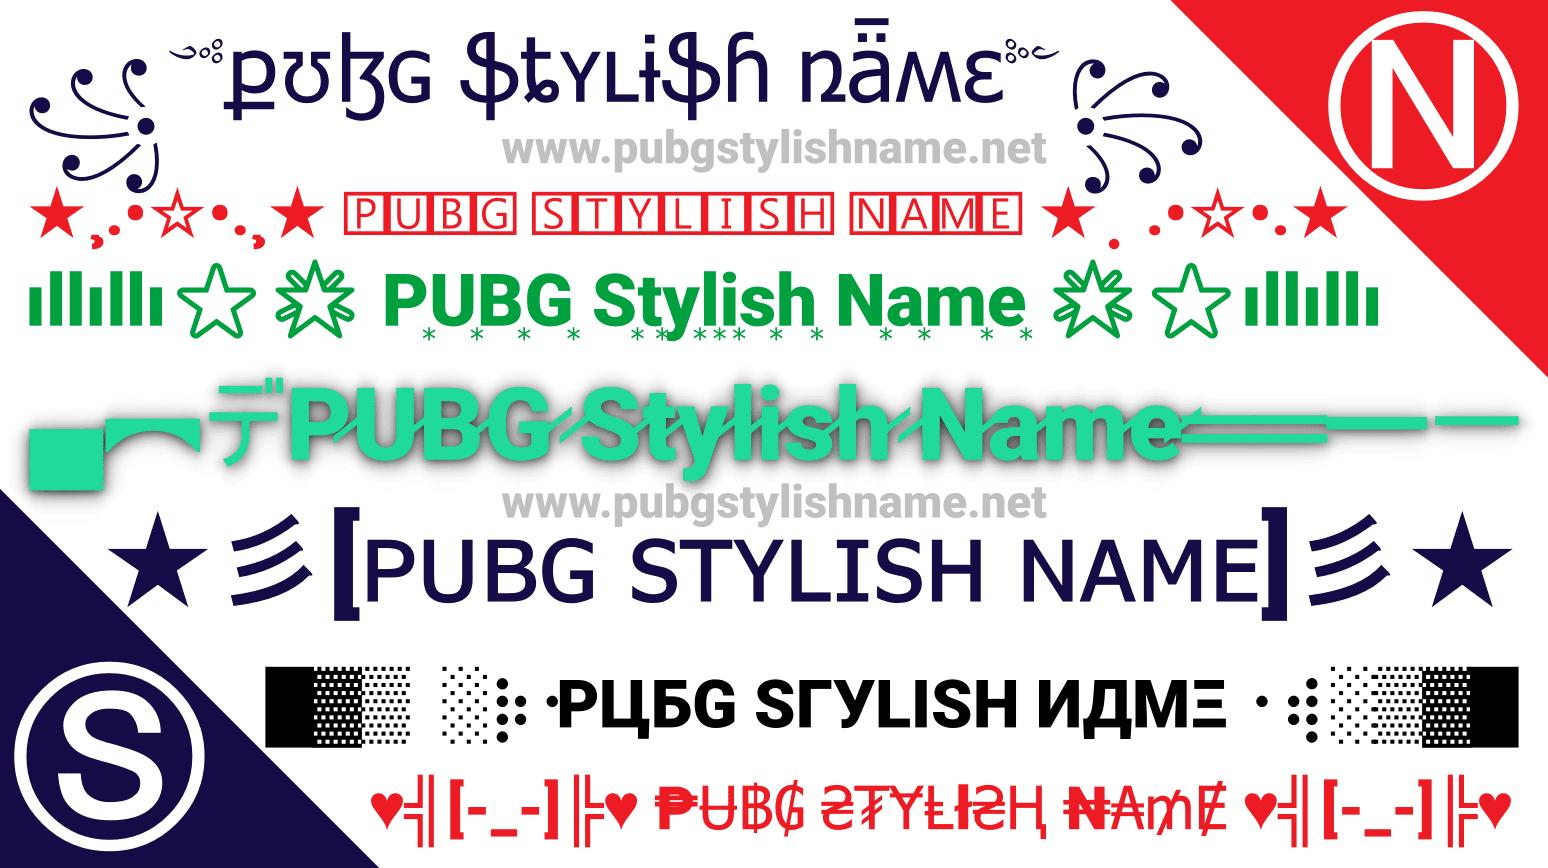 Pubg Stylish Name